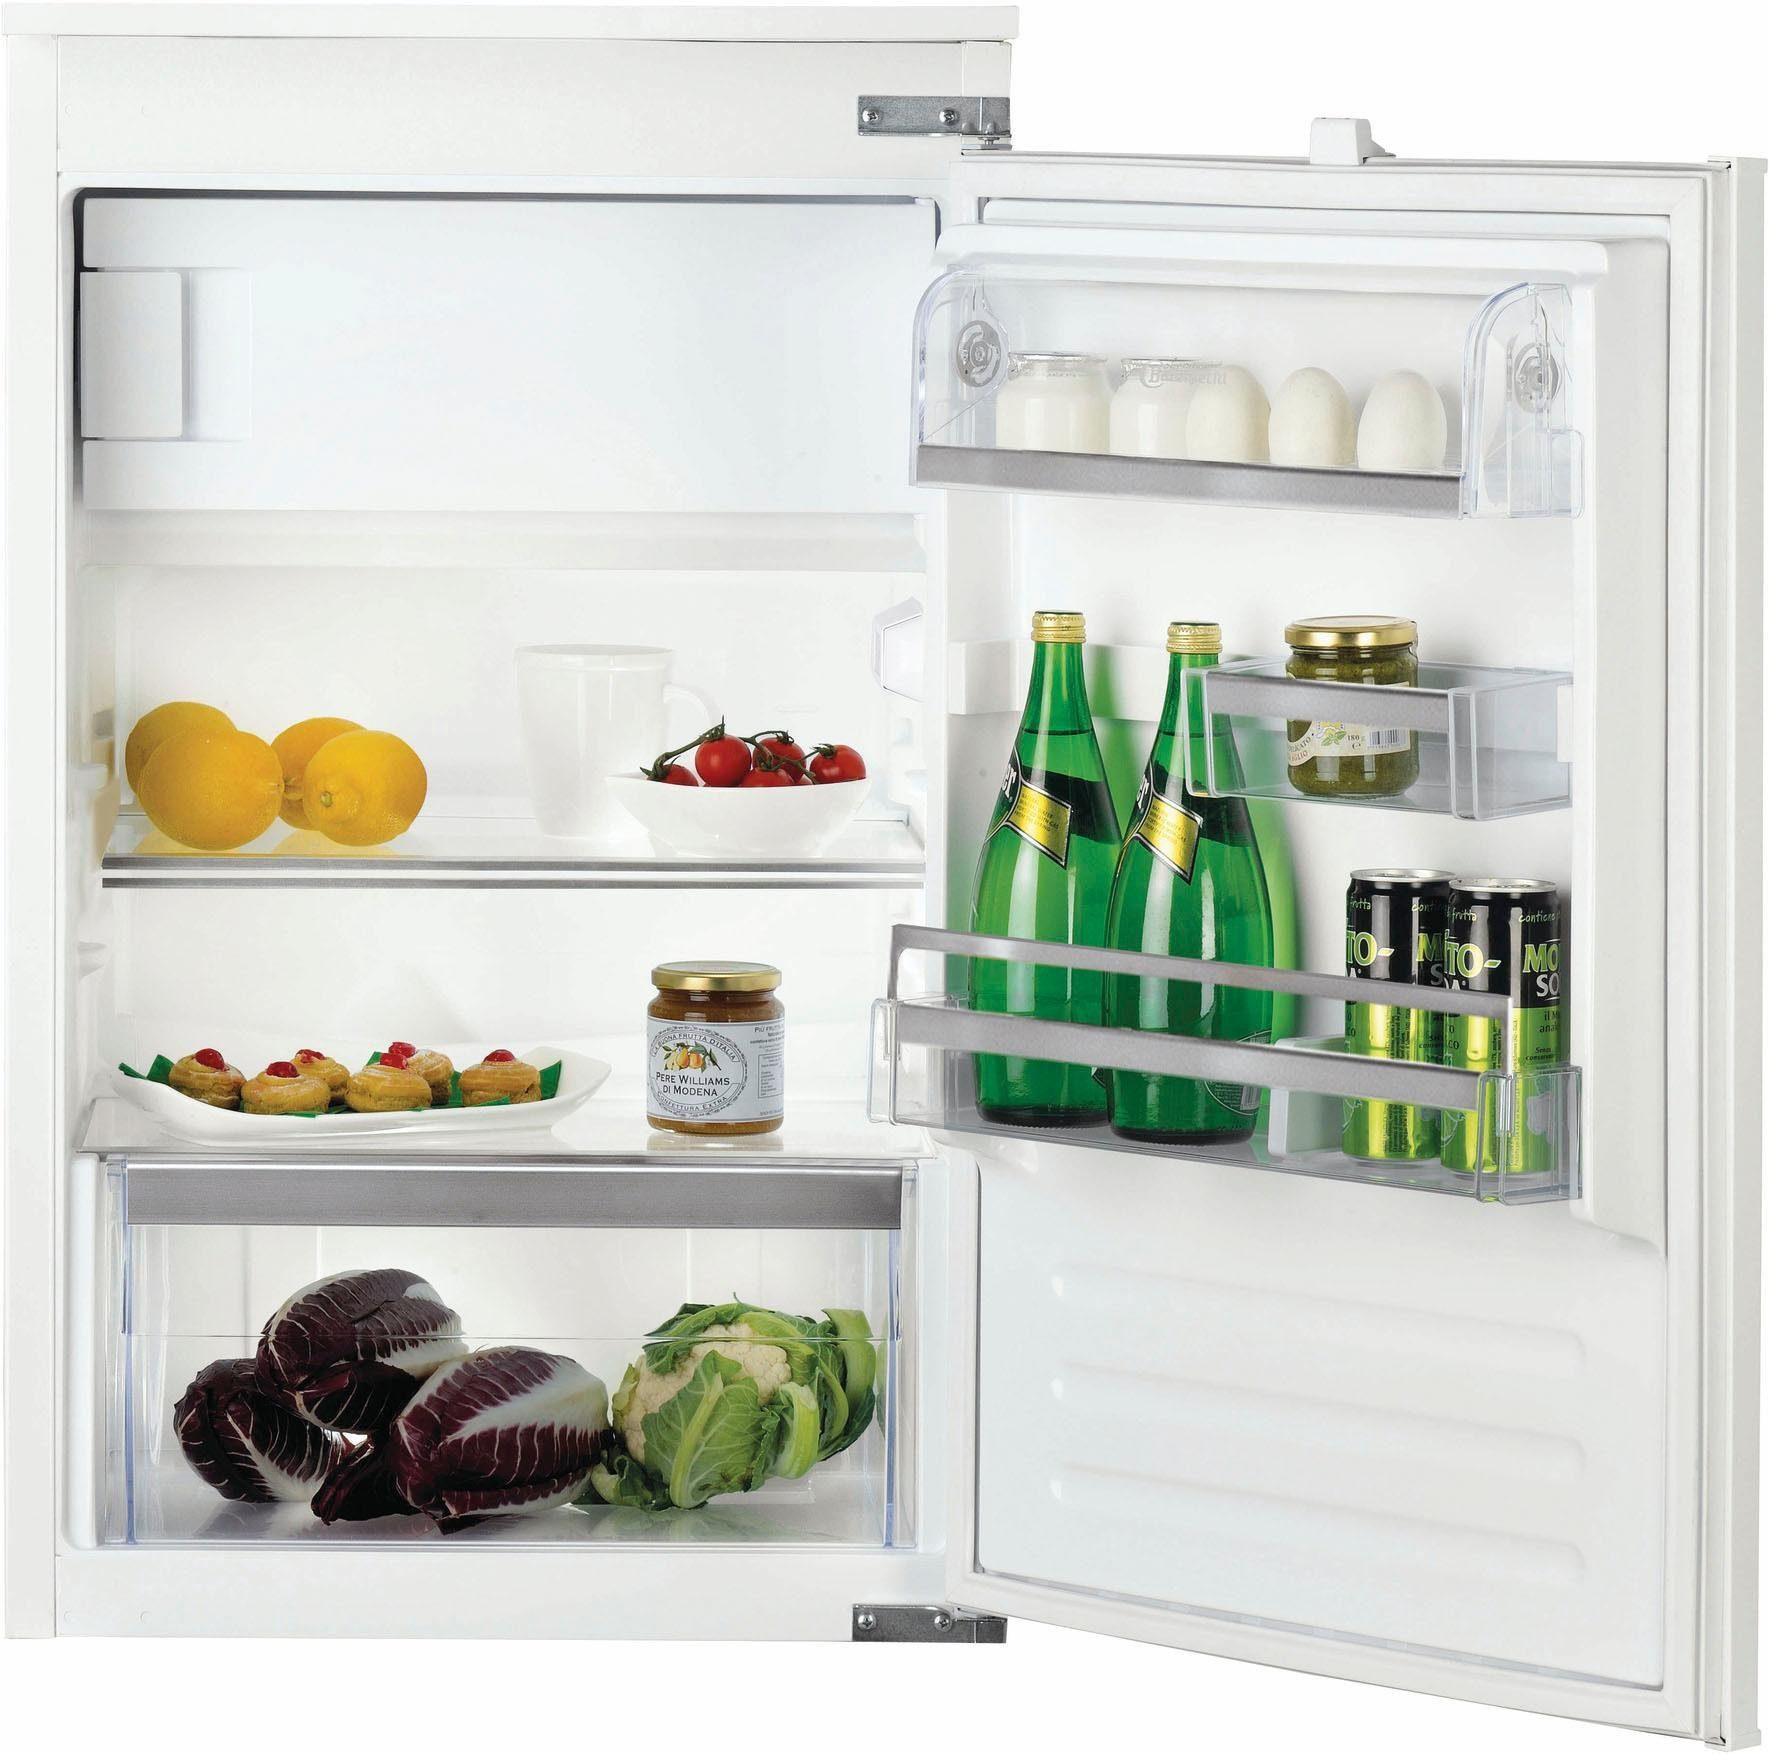 Bauknecht integrierbarerer Einbaukühlschrank mit Gefrierfach KVIE 4885, A+++, 87,3 cm hoch